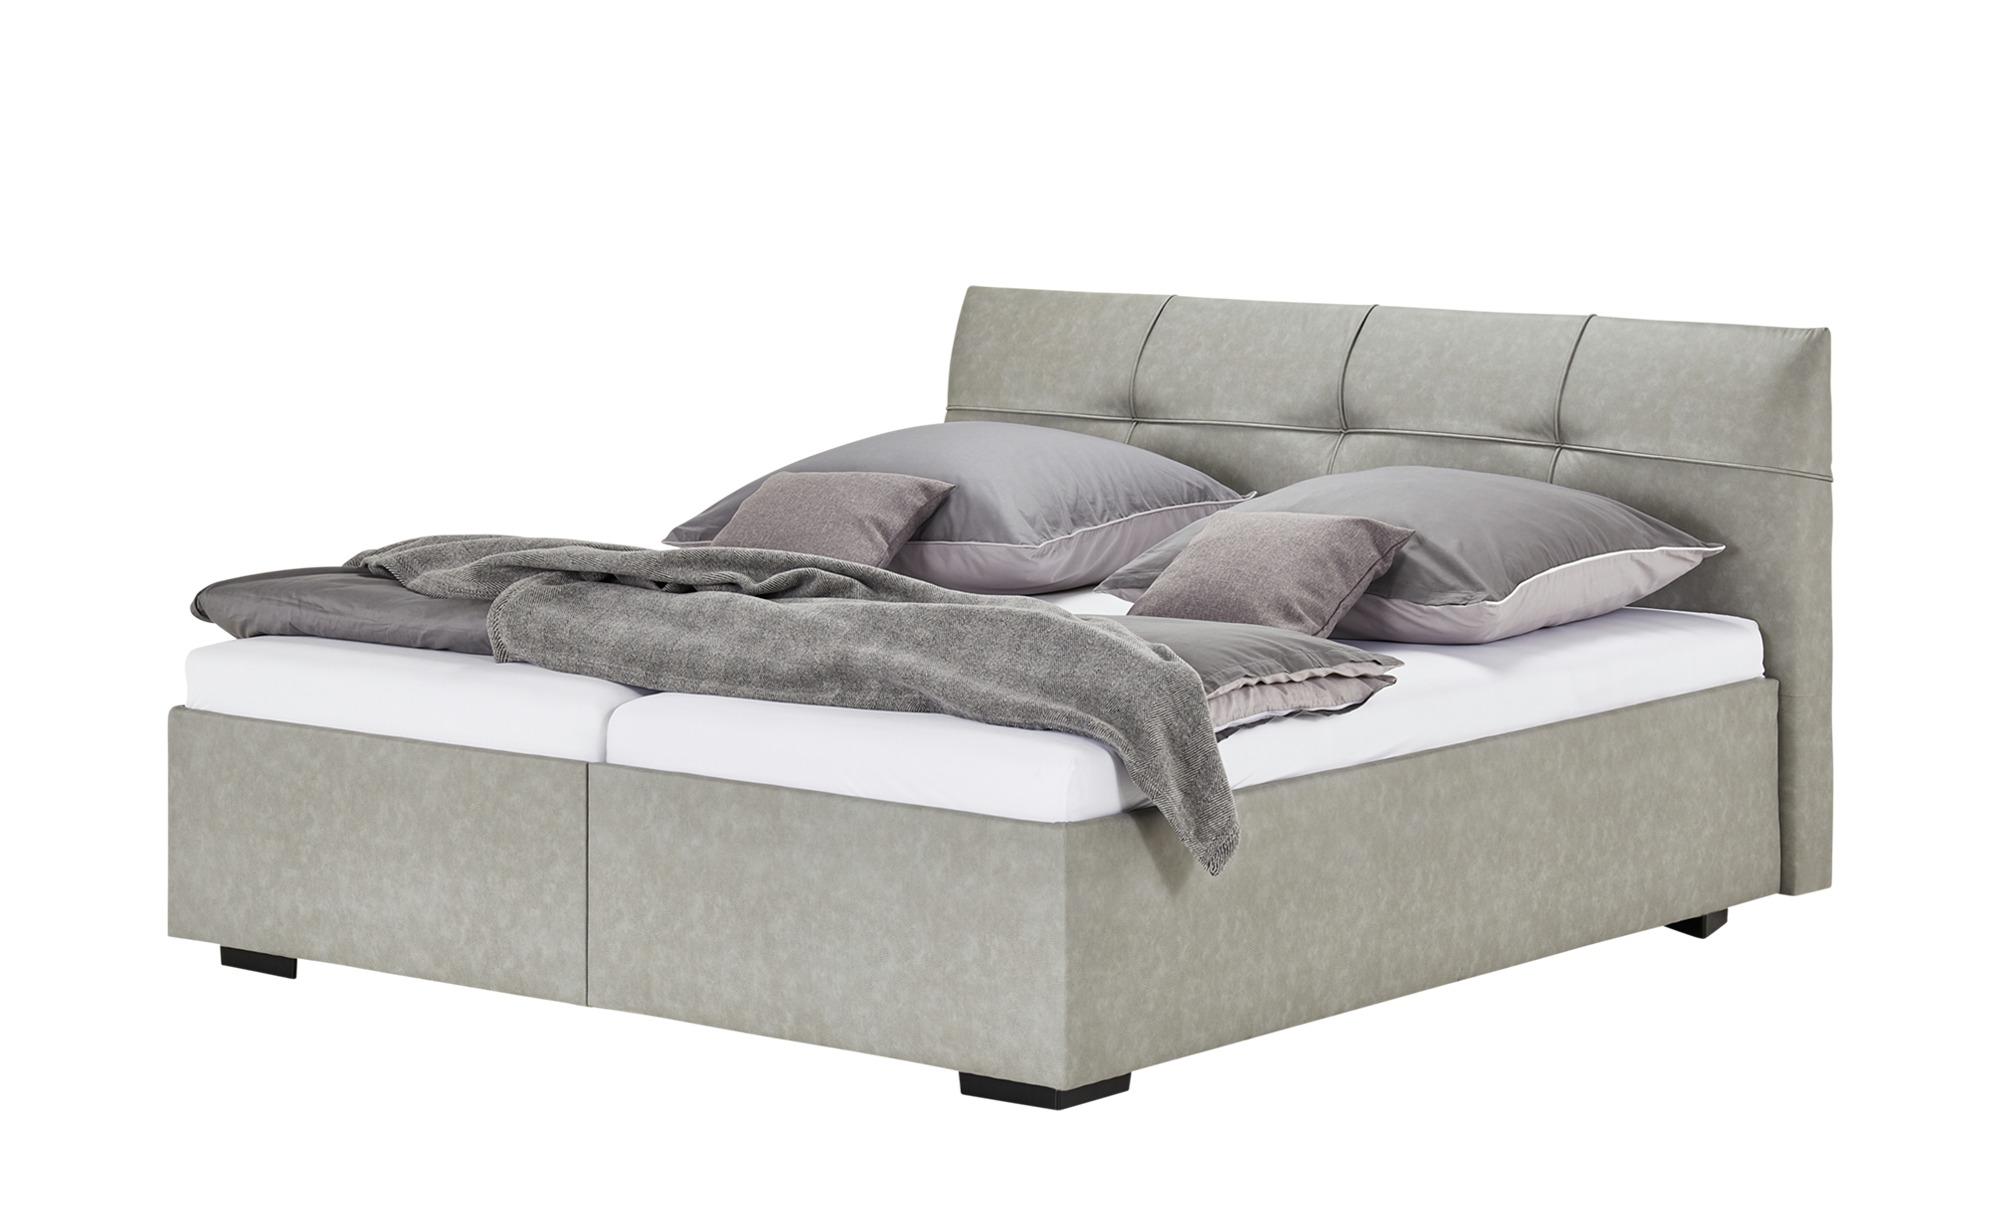 Polsterbett - grau - 210 cm - 98 cm - Betten > Doppelbetten - Möbel Kraft | Schlafzimmer > Betten > Polsterbetten | Sconto